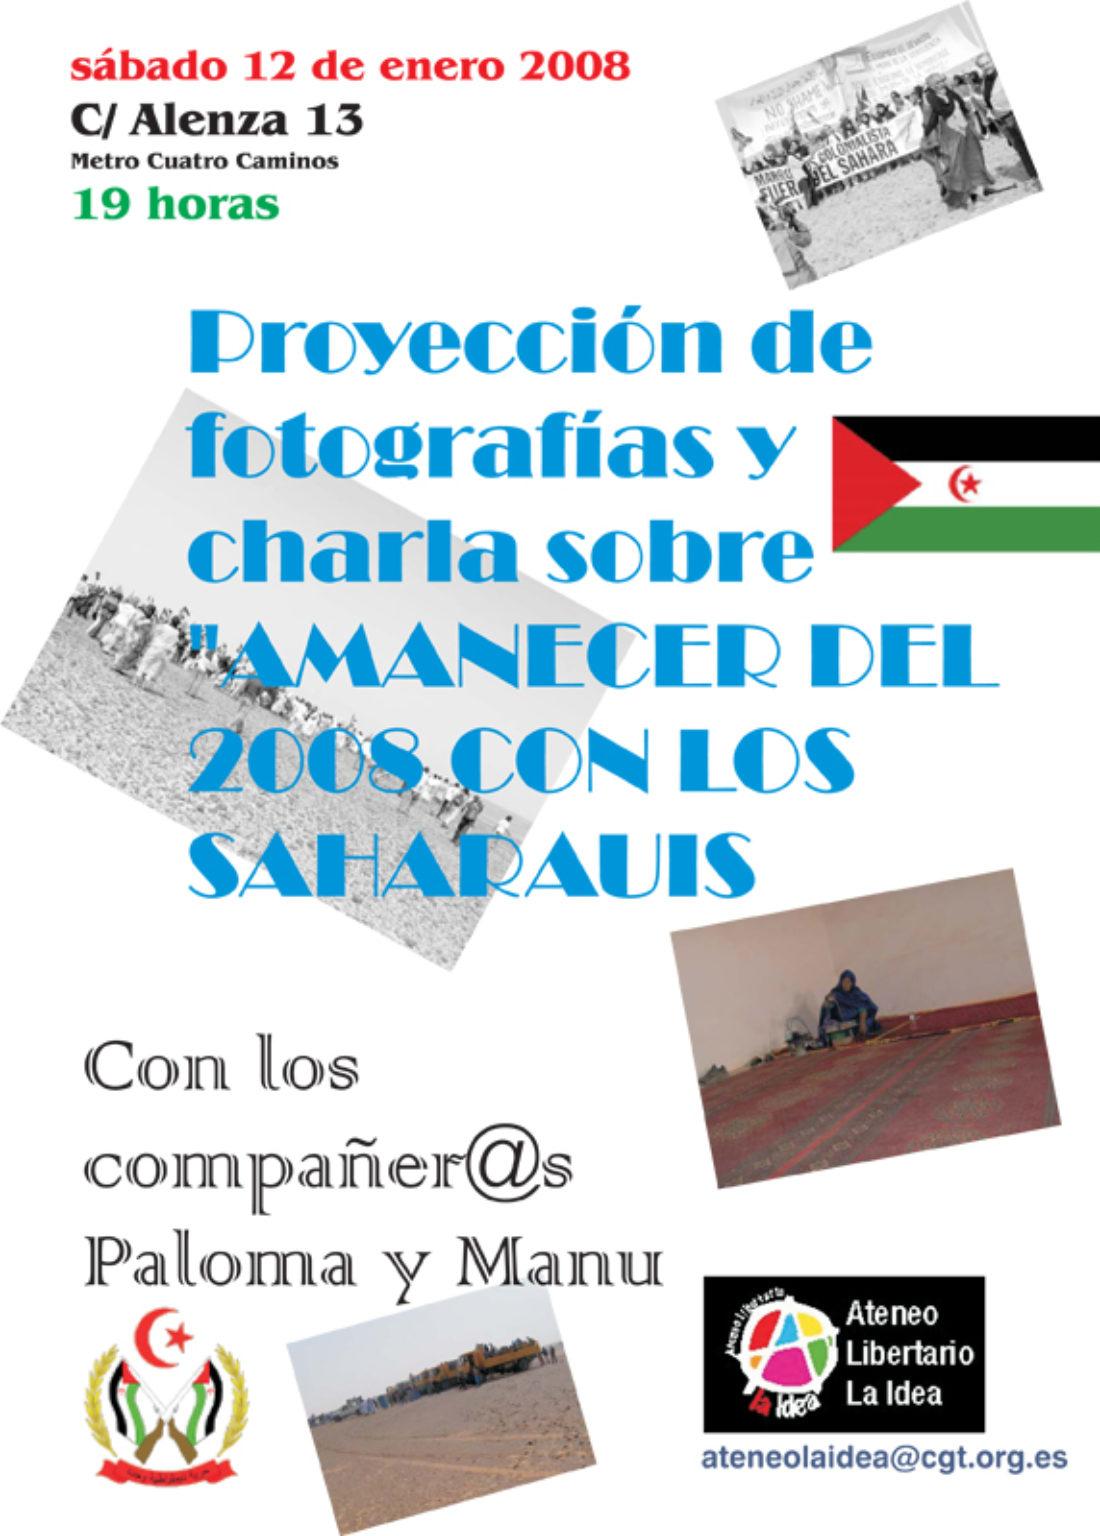 Ateneo Libertario La Idea: proyección de fotografías y charla sobre el «amanecer» del 2008 con los saharauis